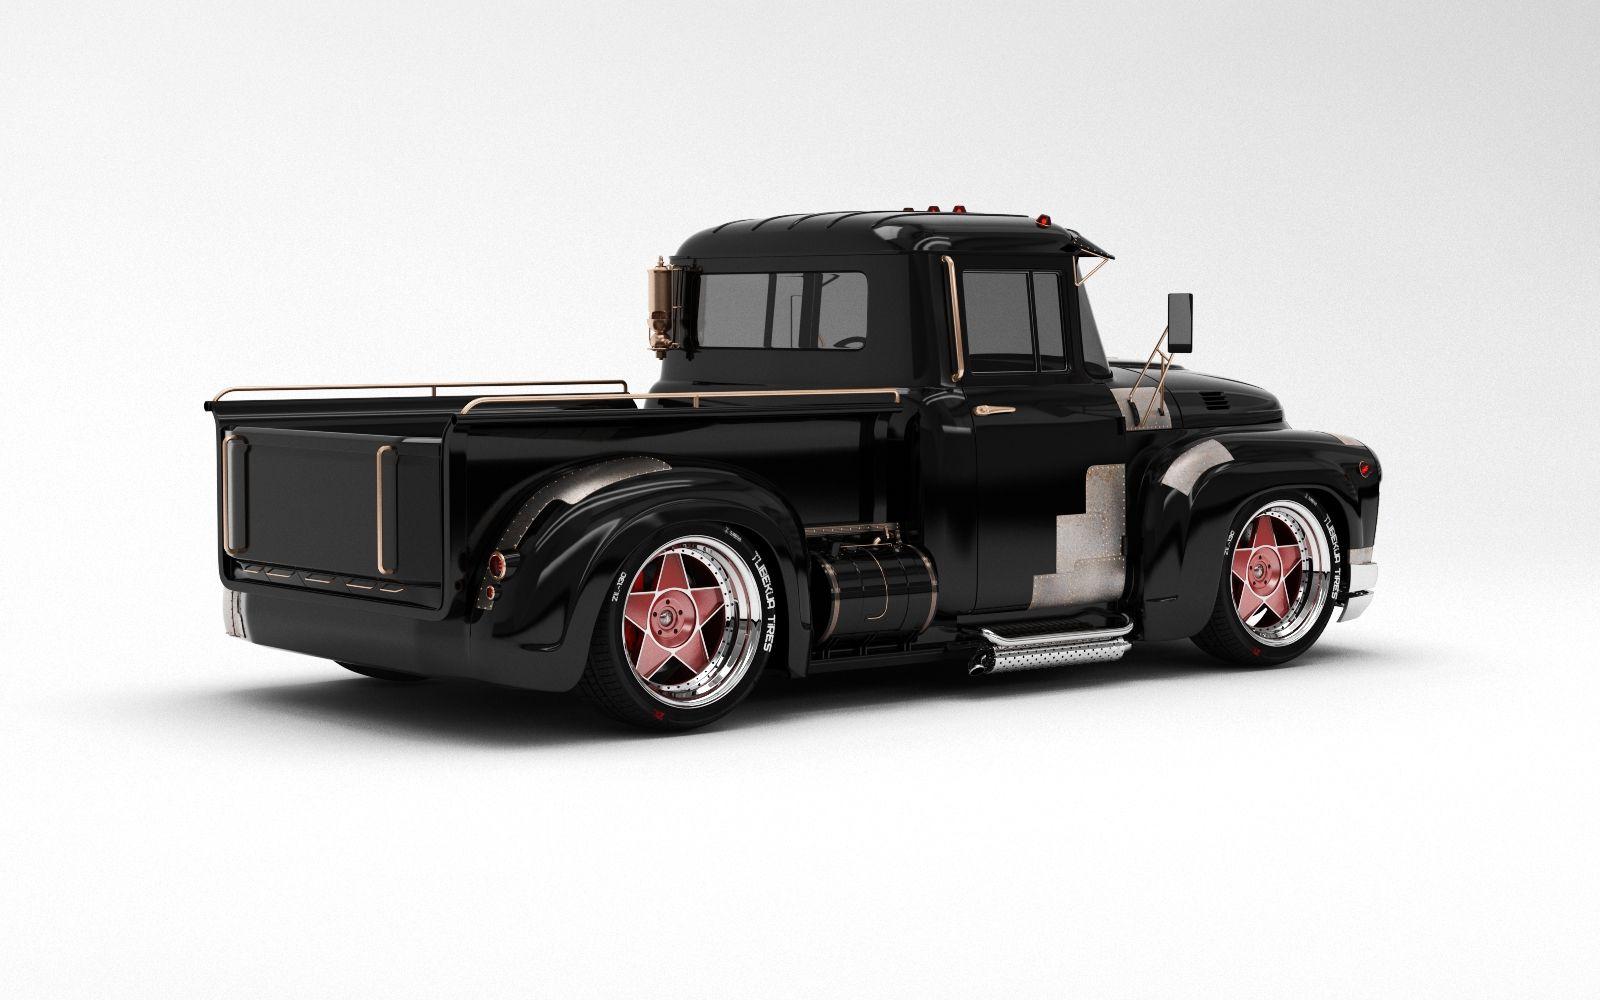 Custom pickup based on the Soviet truck ZIL model 130